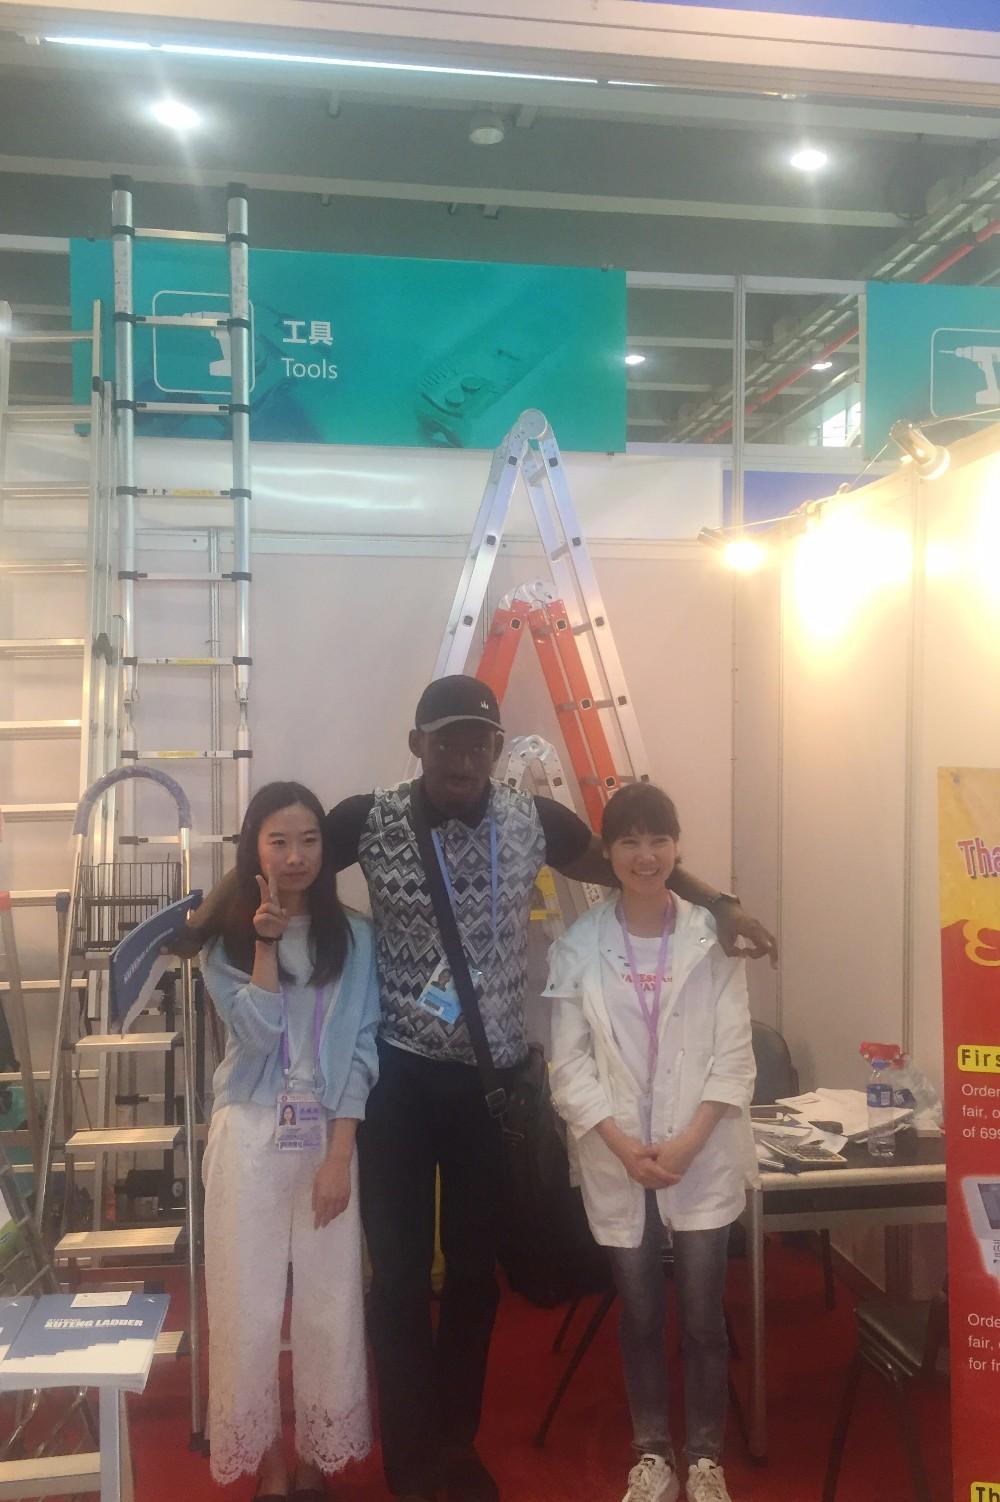 Goedkope aluminium opvouwbare ladder stoel kids ladder for Goedkope kappersstoel